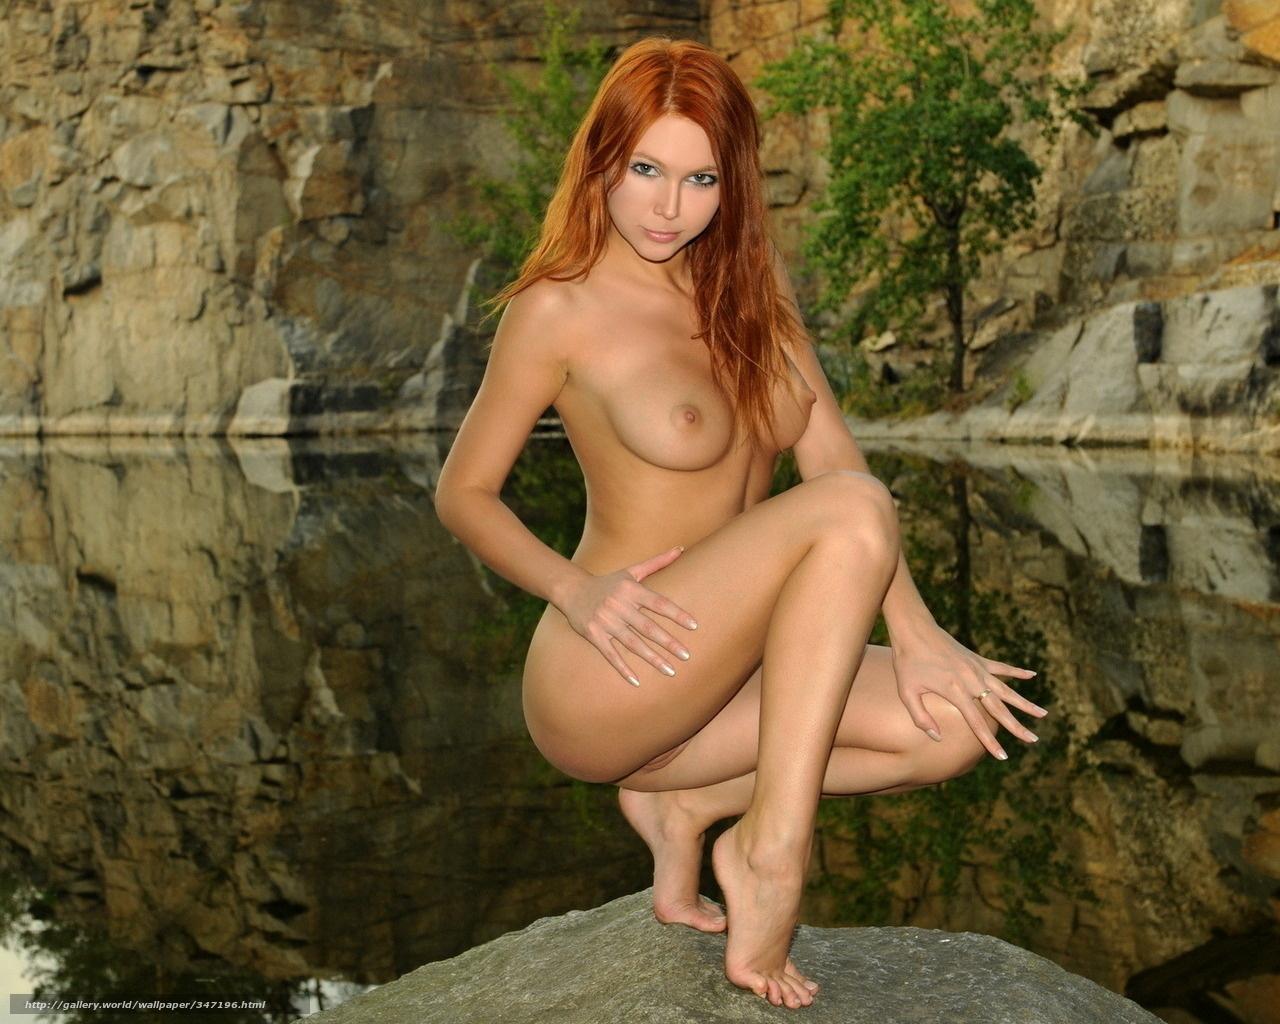 Самые красивые голые тёлки онлайн 11 фотография